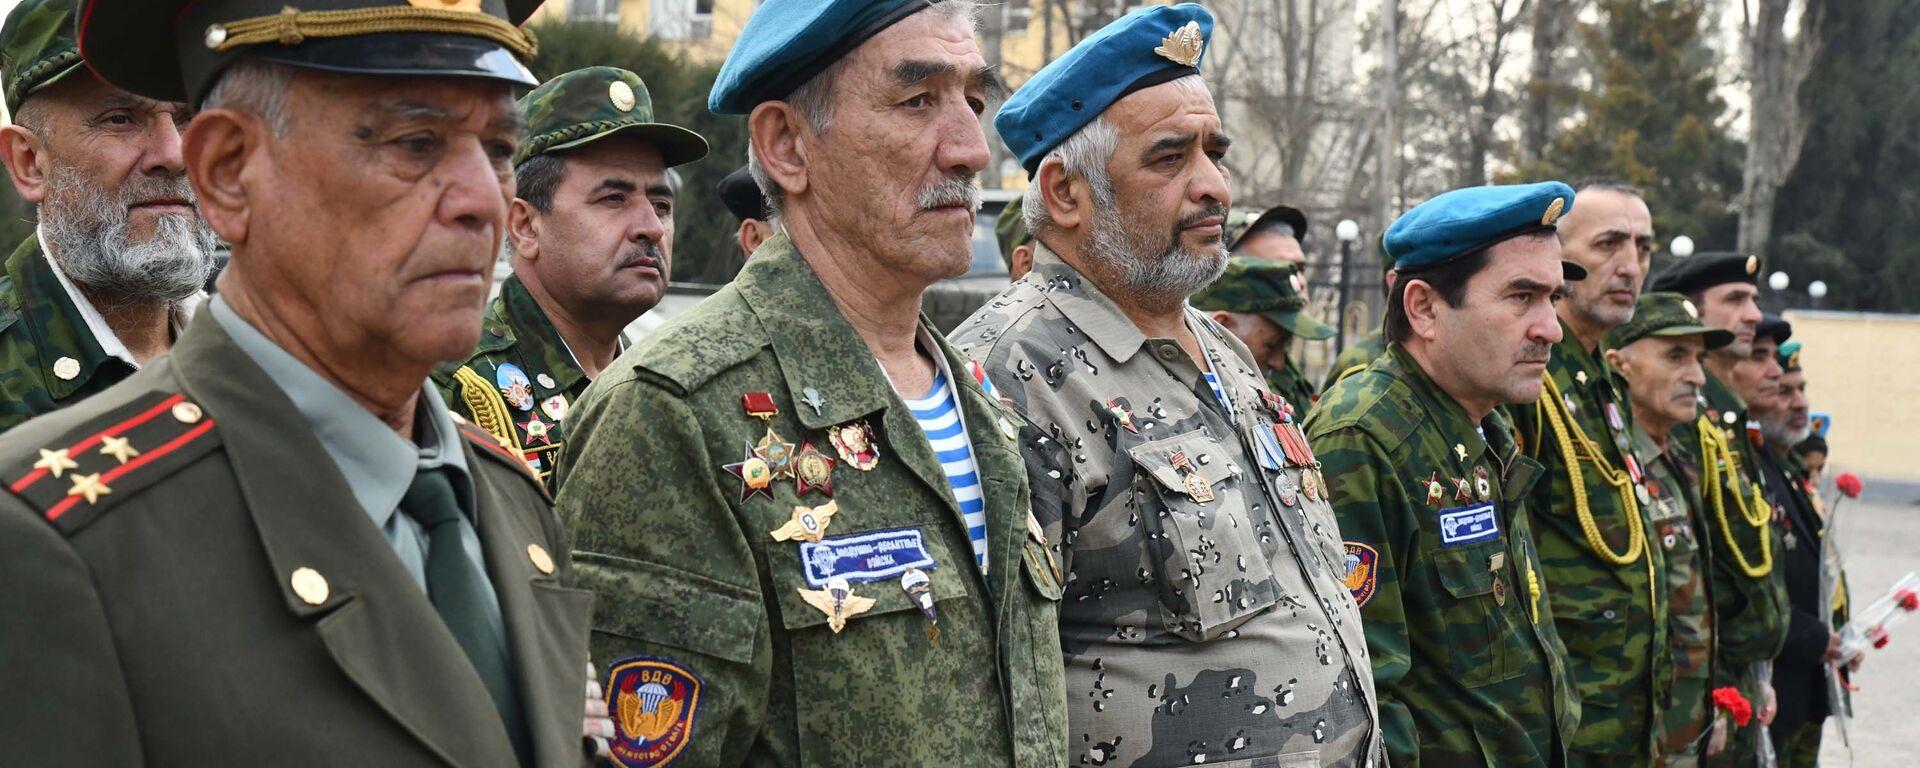 Чествование воинов-интернационалистов, погибших в Афганистане - Sputnik Таджикистан, 1920, 15.02.2021